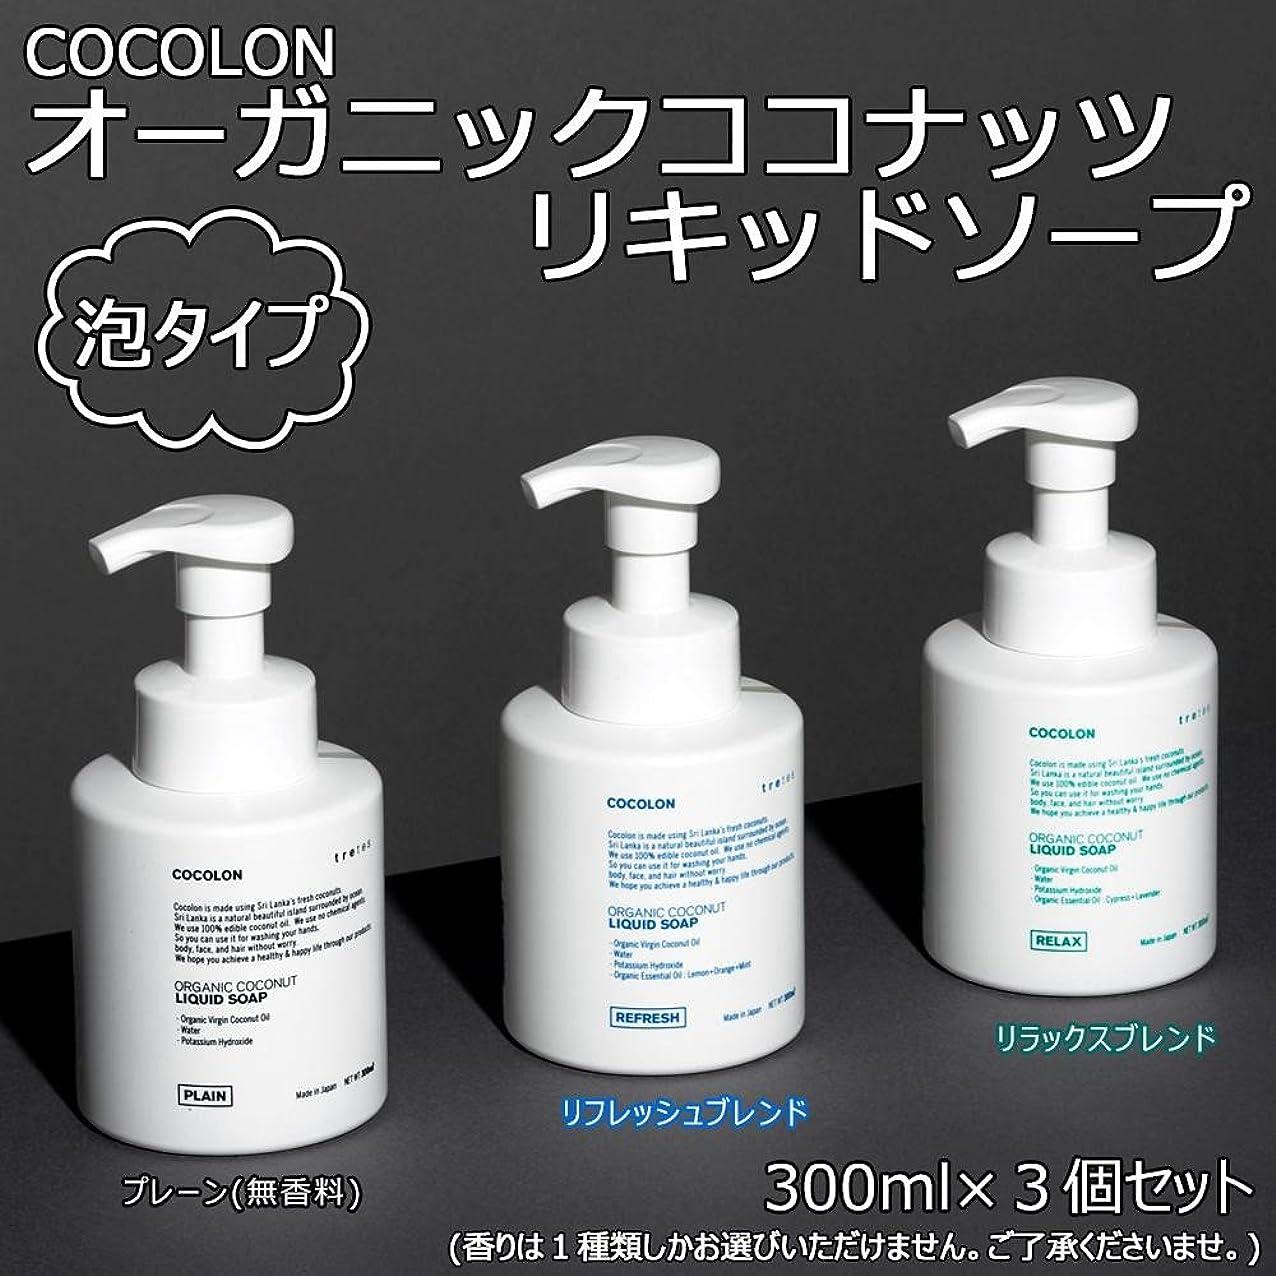 繰り返す潜在的な骨COCOLON ココロン オーガニックココナッツリキッドソープ 泡タイプ 300ml 3個セット リフレッシュブレンド